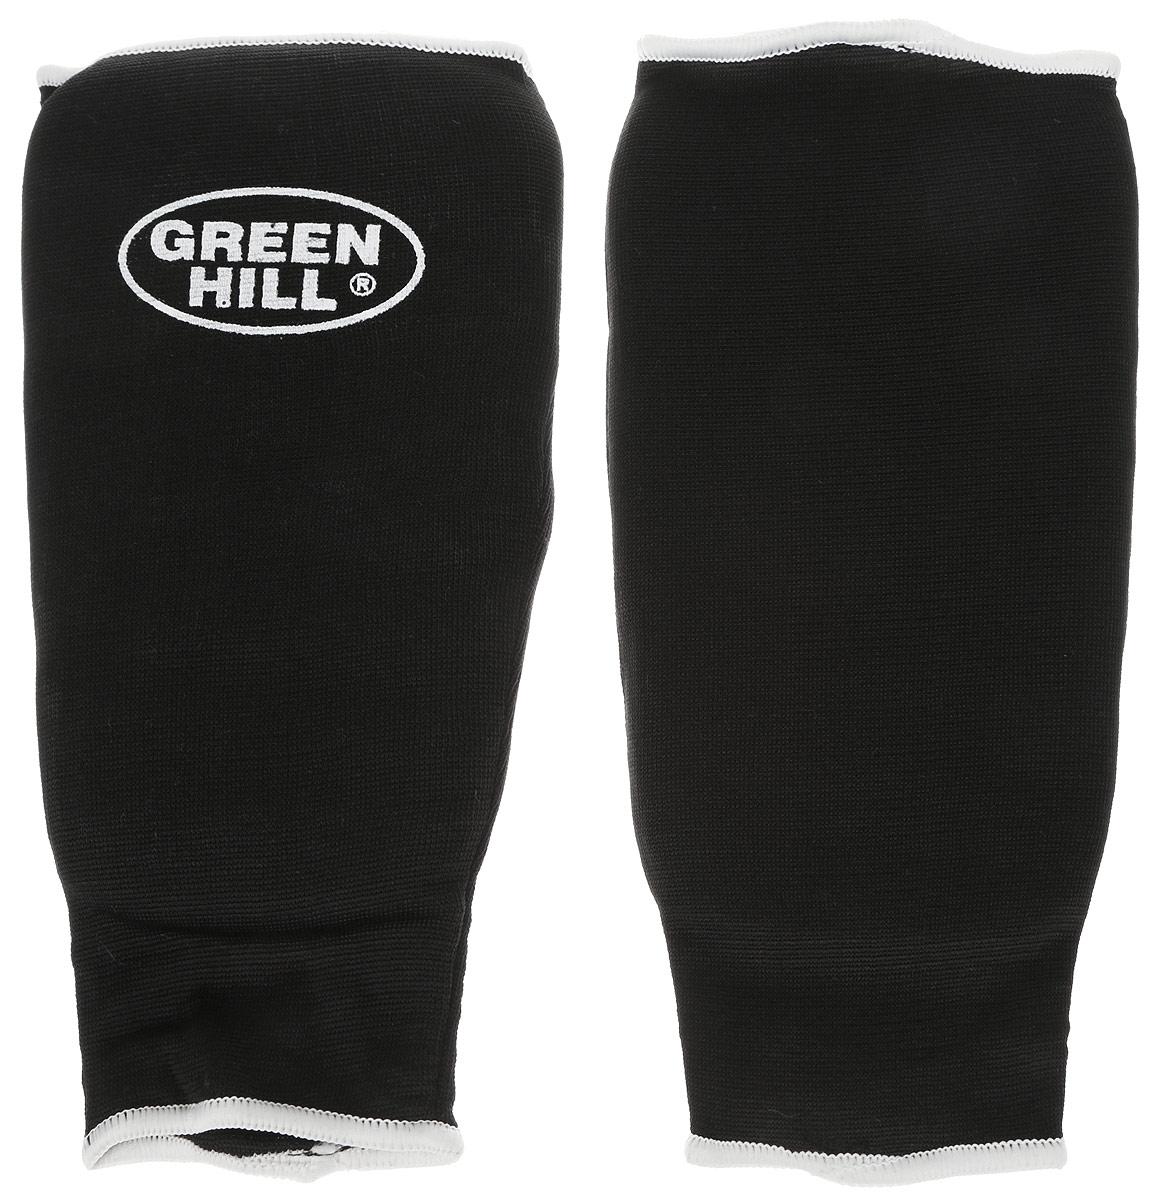 Защита голени Green Hill, цвет: черный, белый. Размер S. SPC-6210SPC-6210Защита голени Green Hill с наполнителем, выполненным из вспененного полимера, необходима при занятиях спортом для защиты суставов от вывихов, ушибов и прочих повреждений. Накладки выполнены из высококачественного эластана и хлопка. Длина голени: 23,5 см. Ширина голени: 14 см.